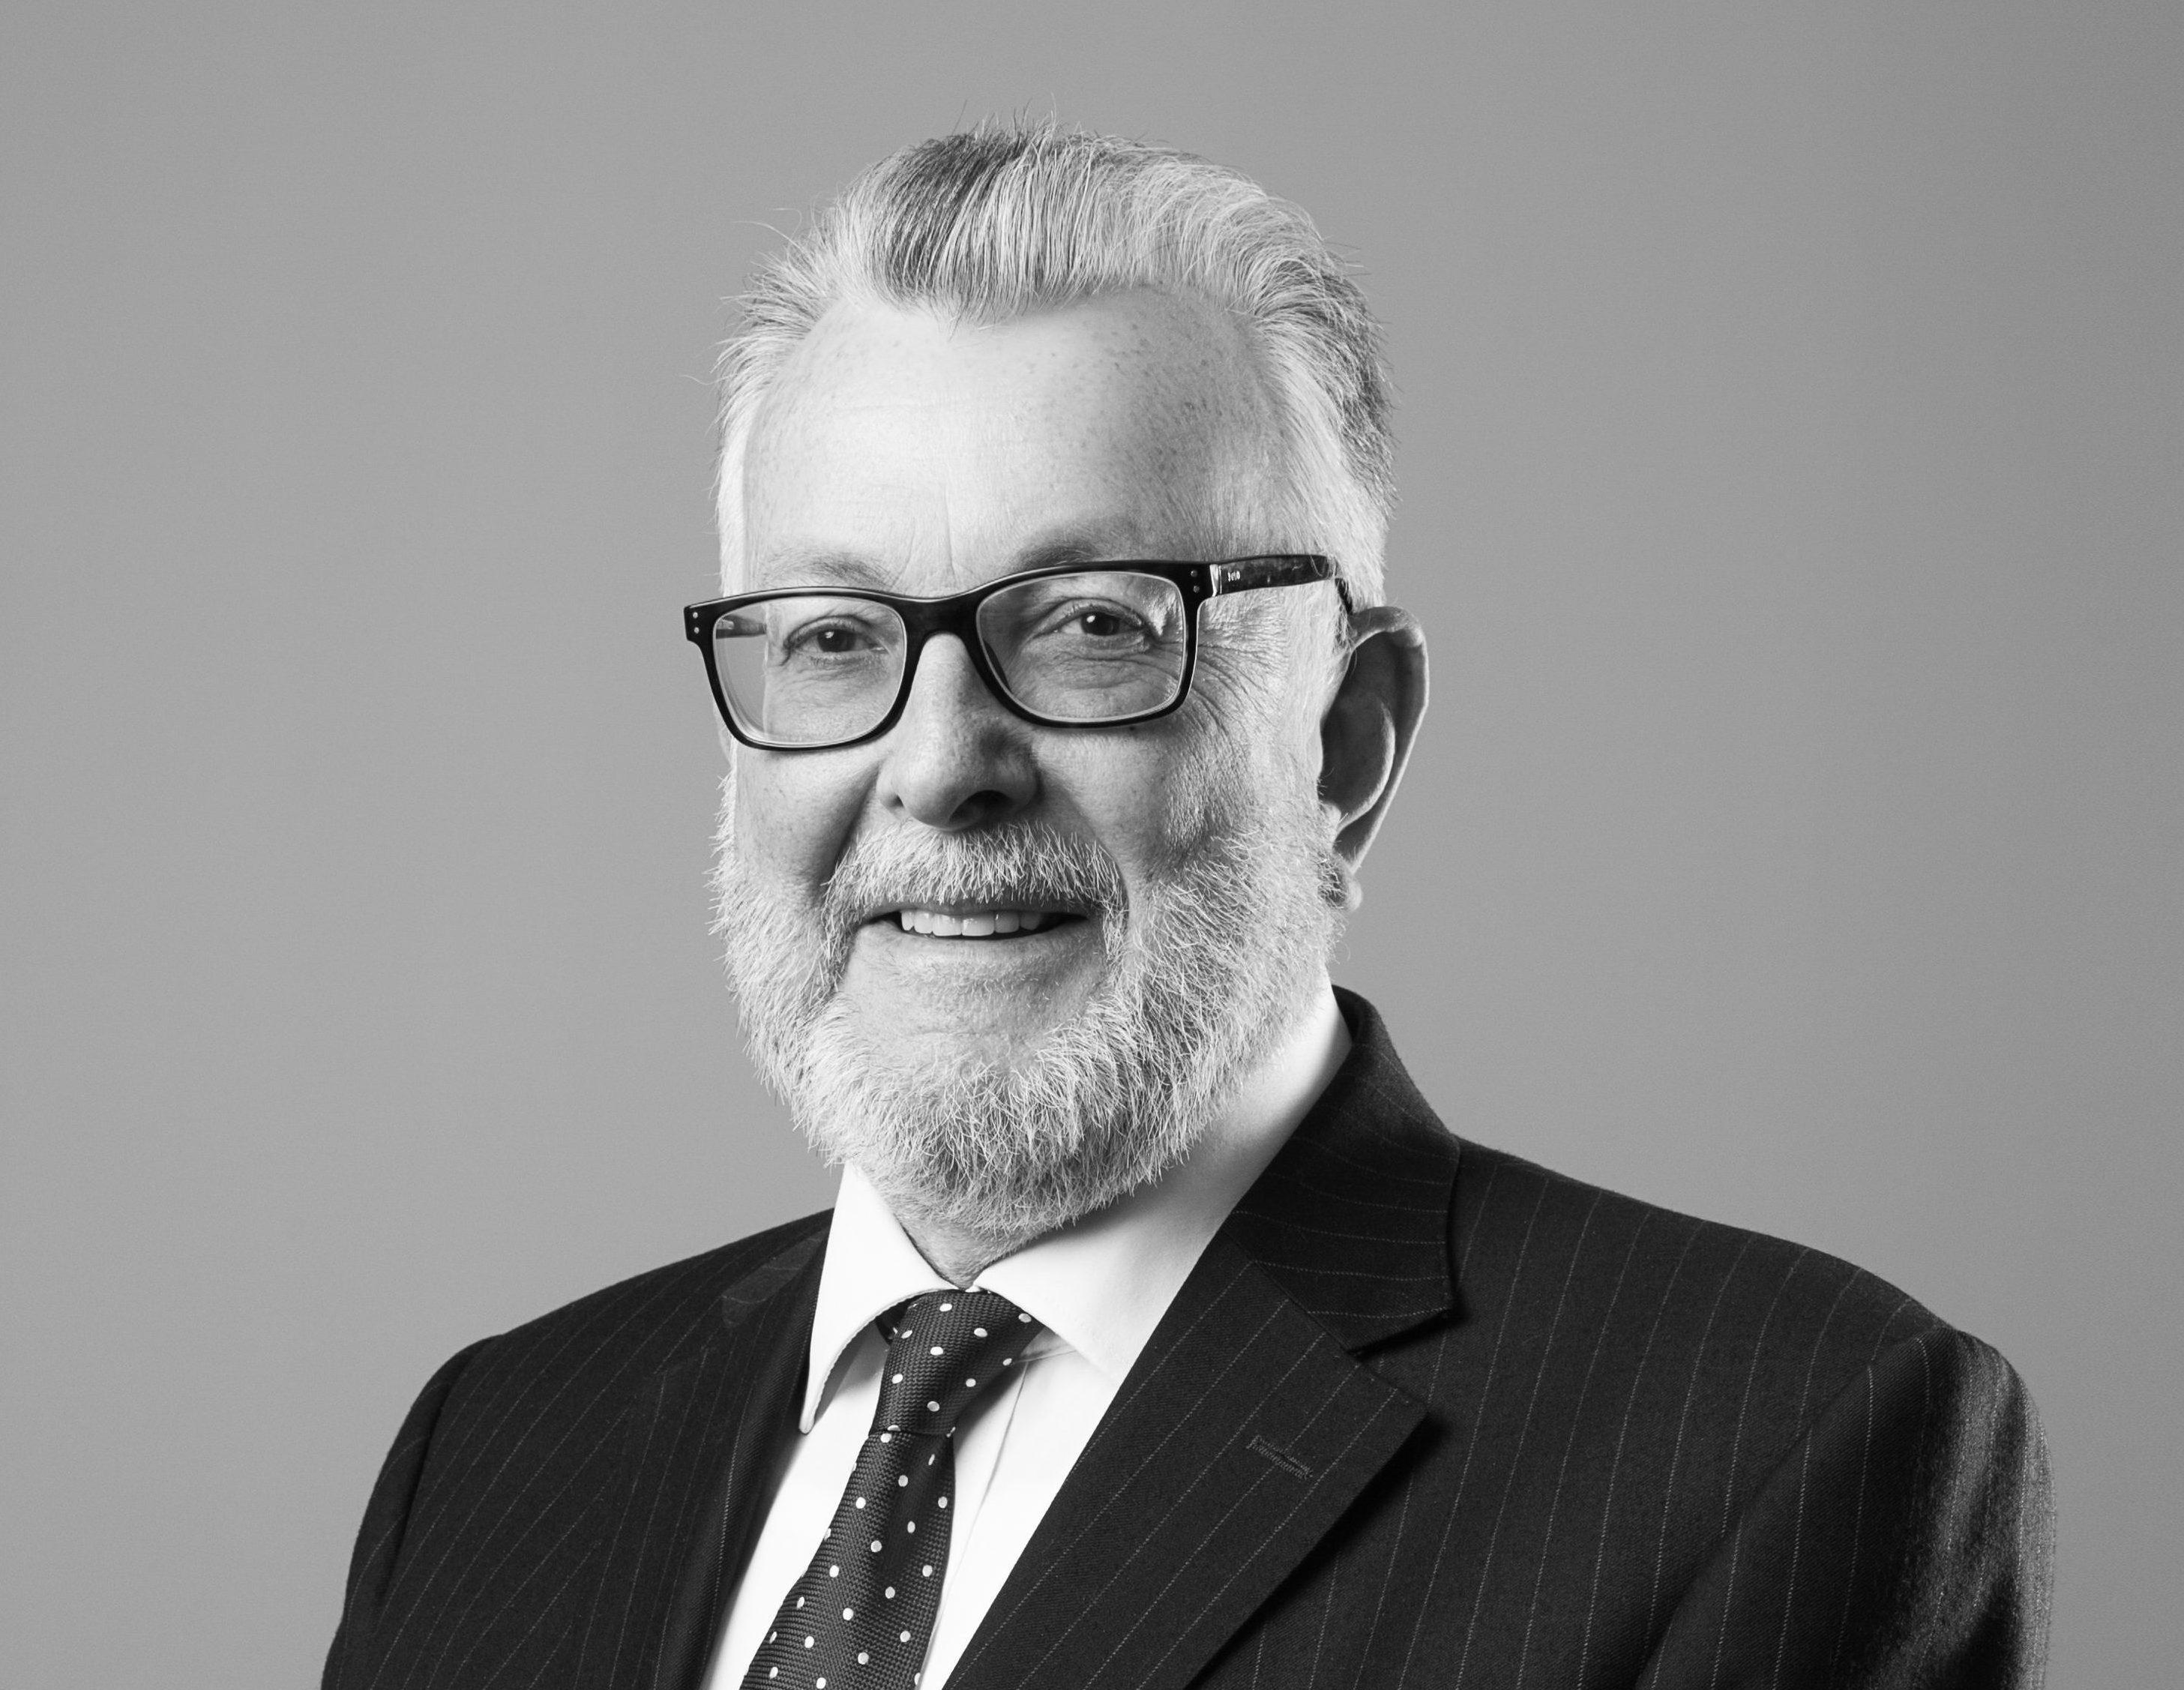 Portrait of Andrew Mitchell